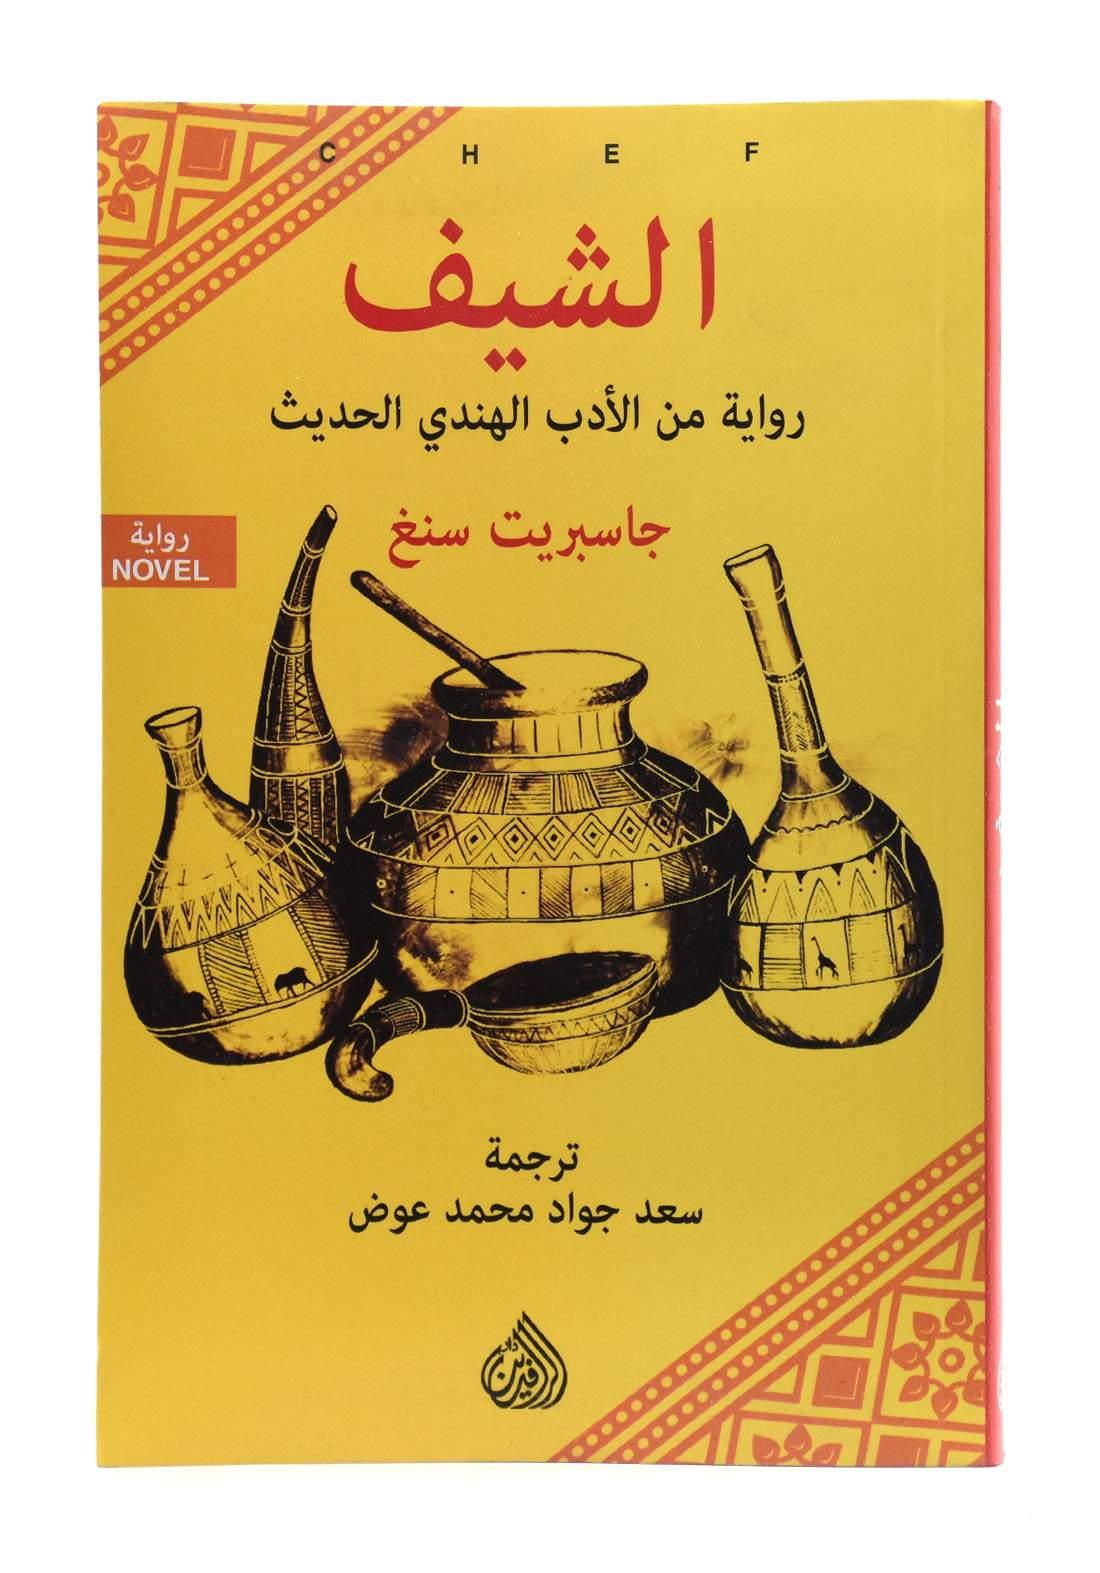 الشيف - رواية من الأدب الهندي الحديث